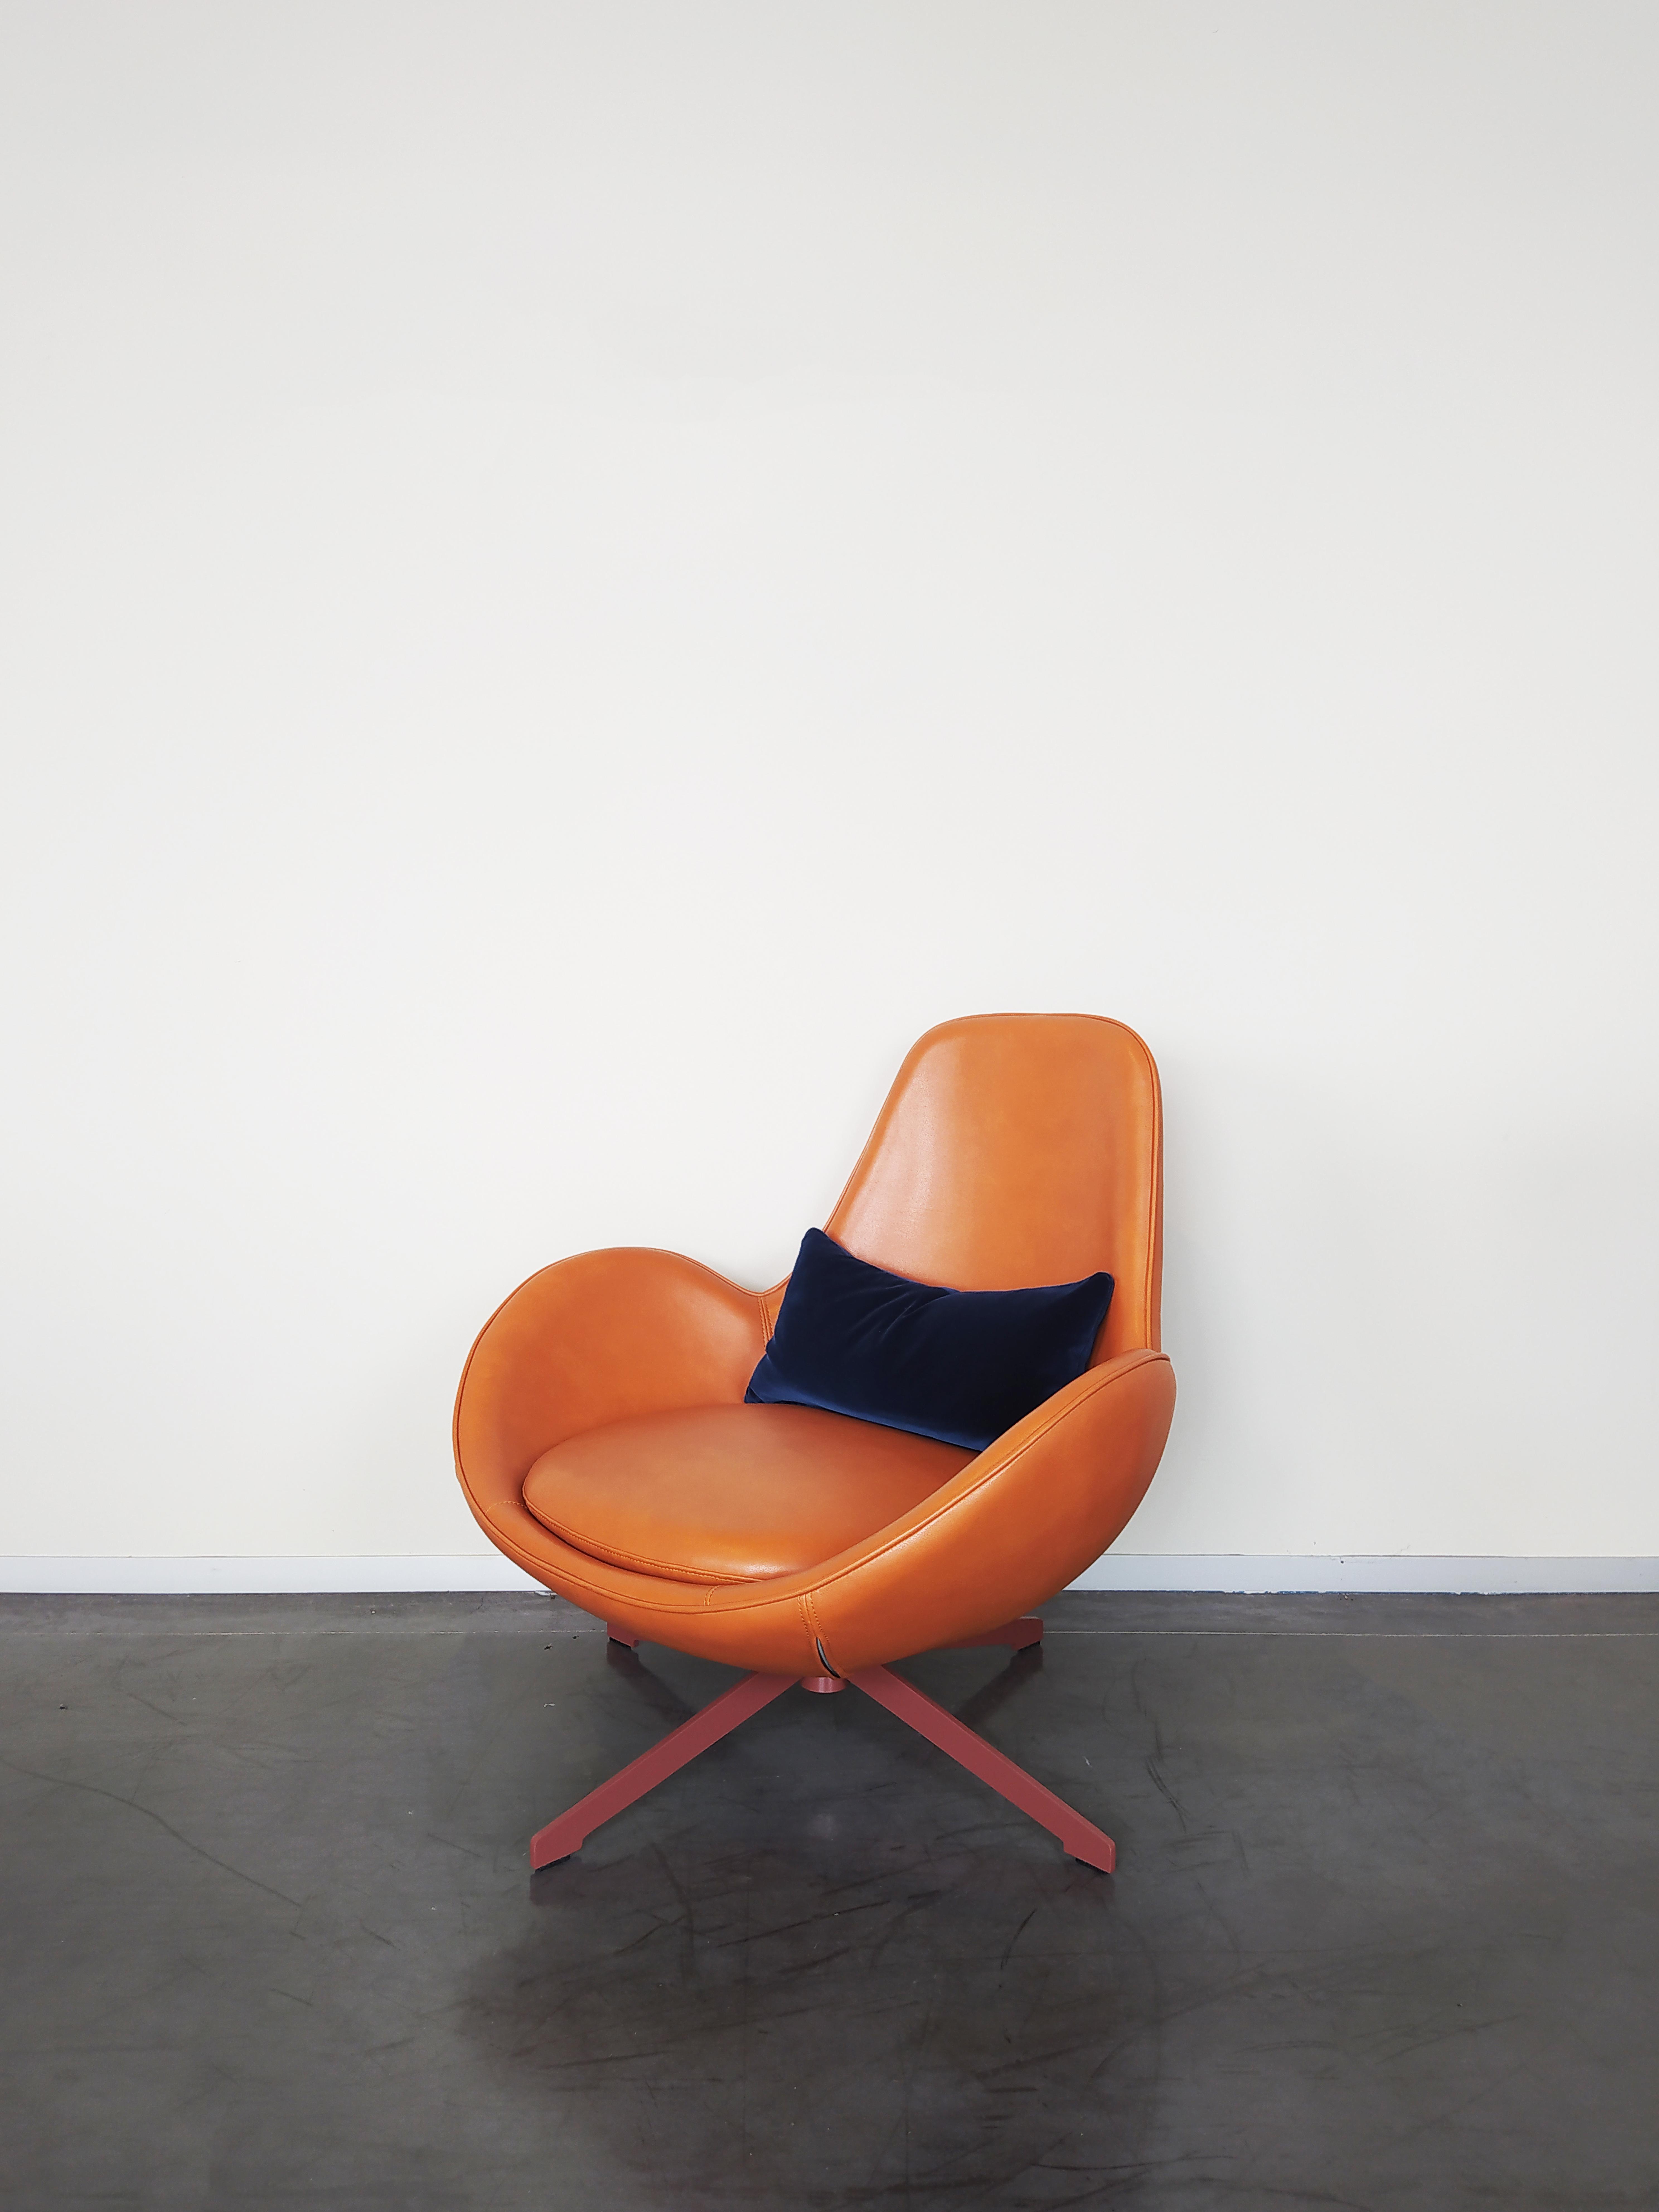 Evolution-hasselt-interieurwinkel-meubelen-design-leder-fauteuil-otto